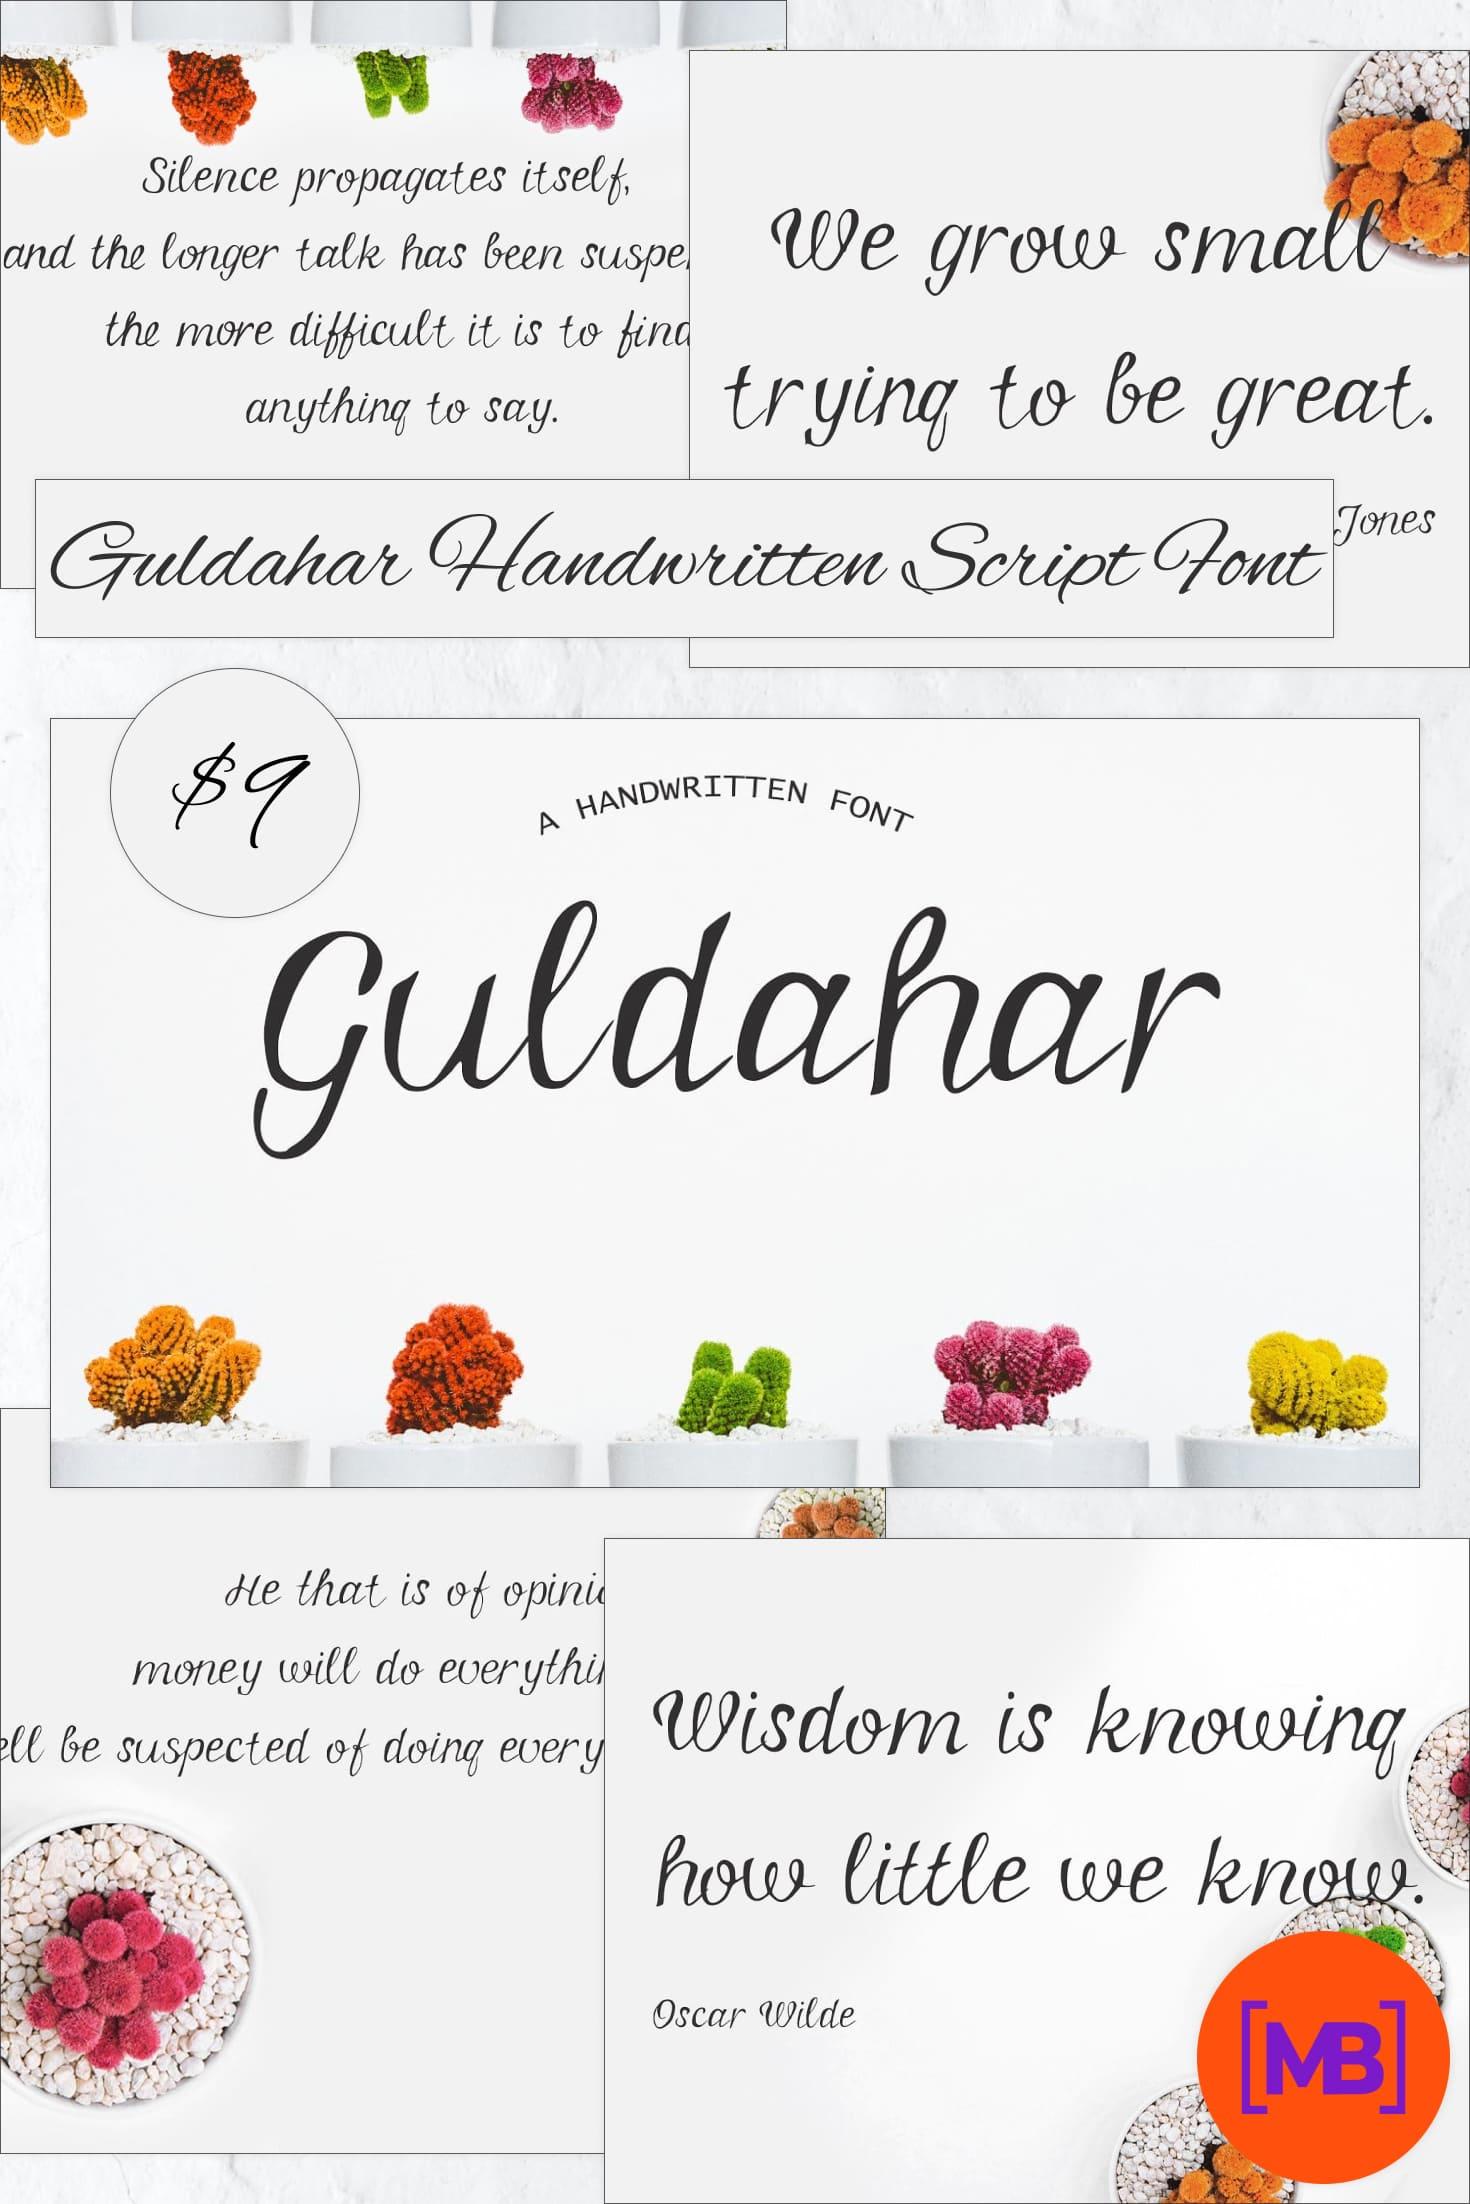 Guldahar Handwritten Script Font - just $9. Collage Image.